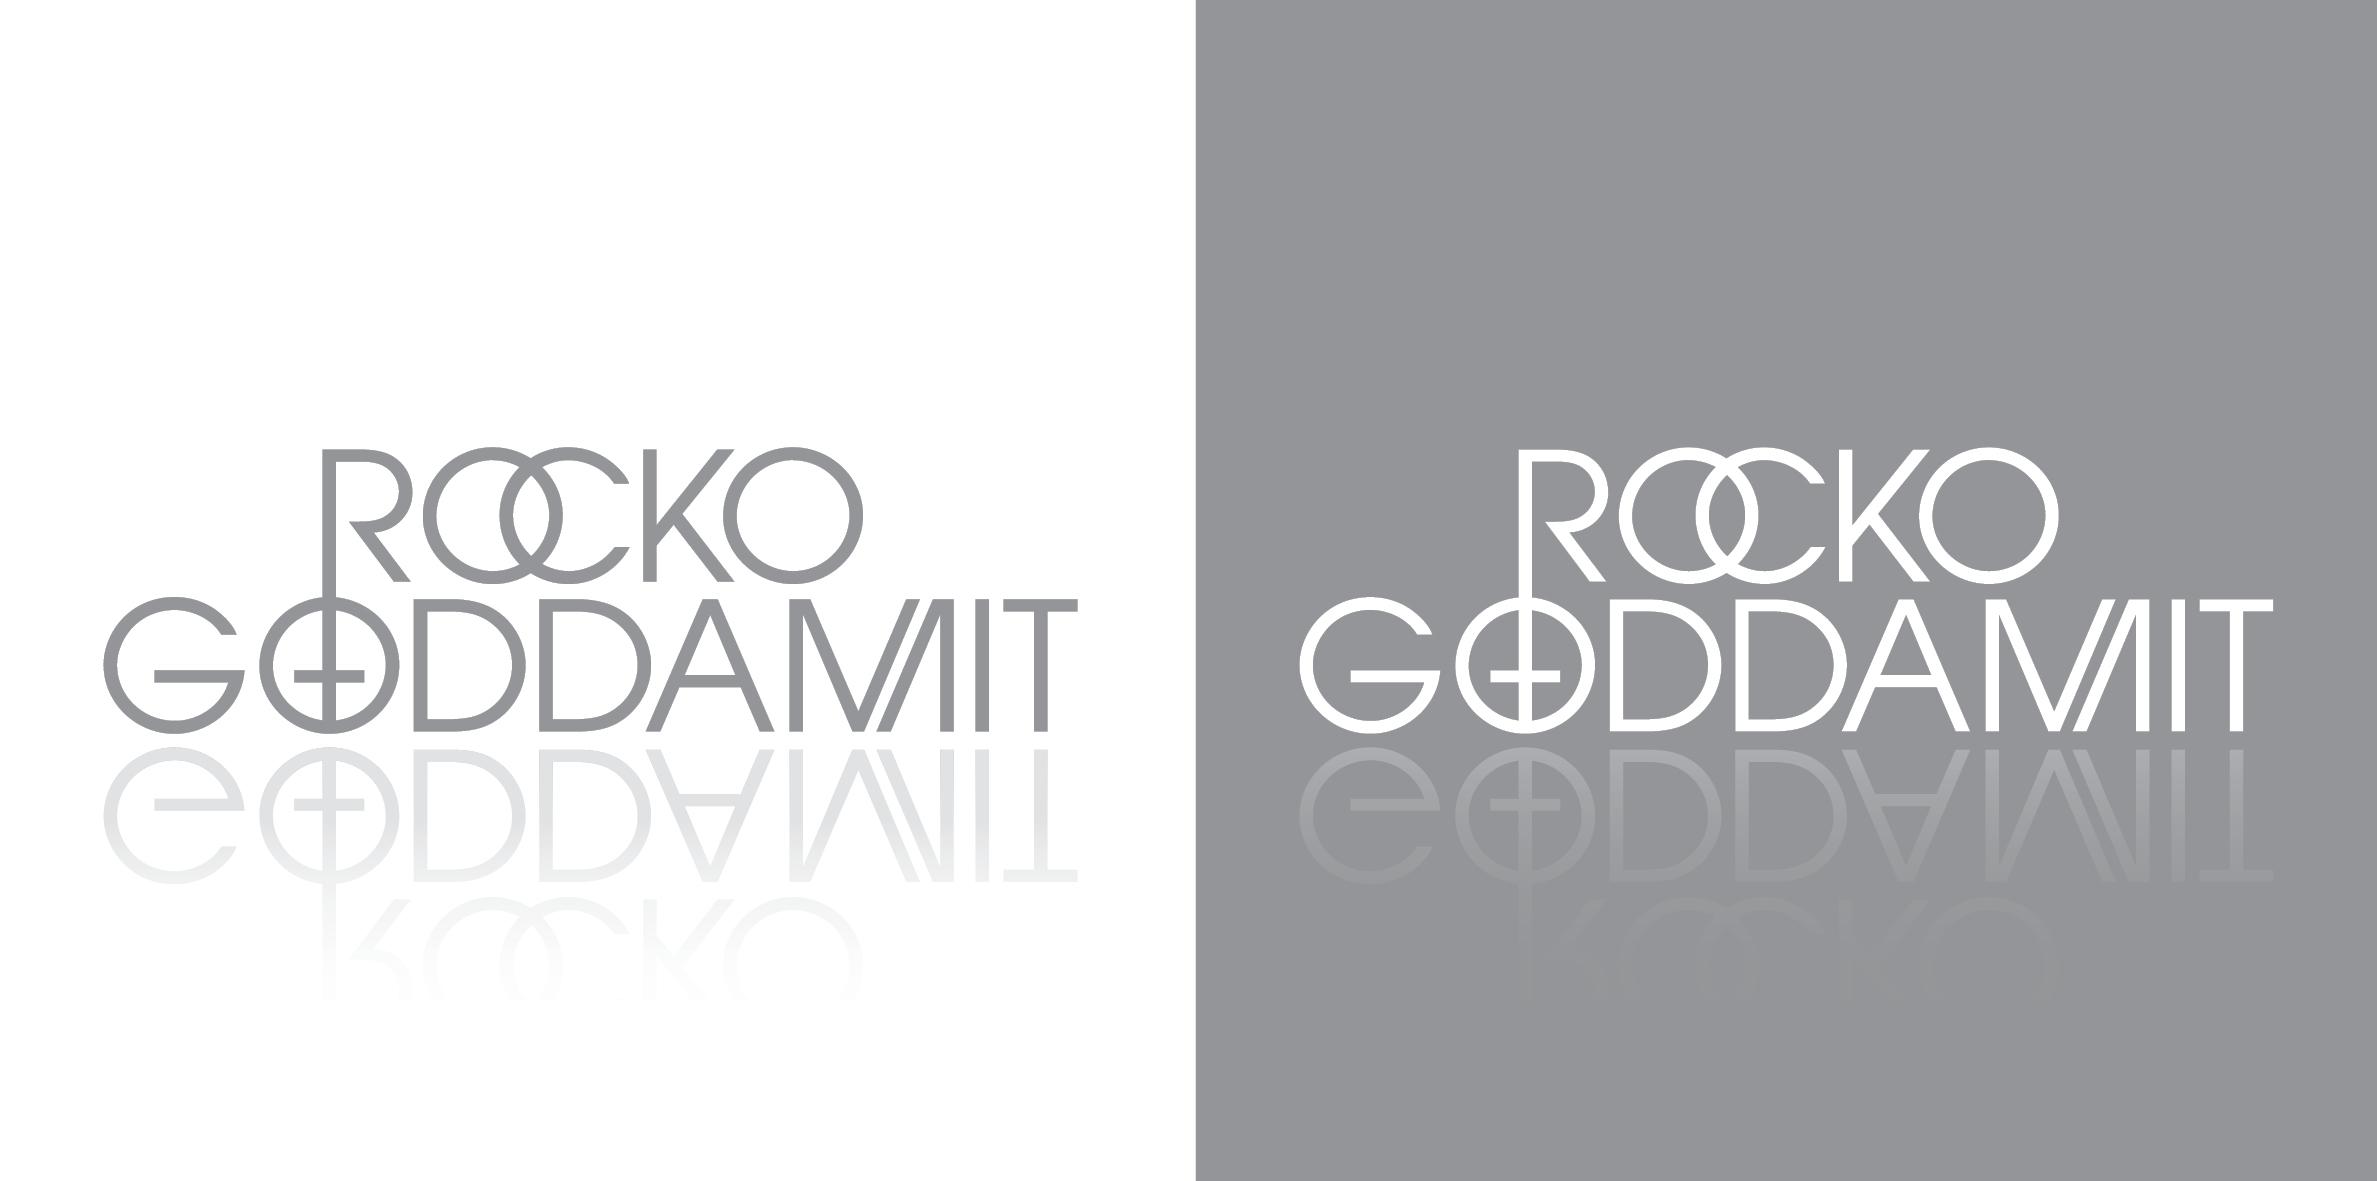 Logo - Rocko Goddammit.jpg